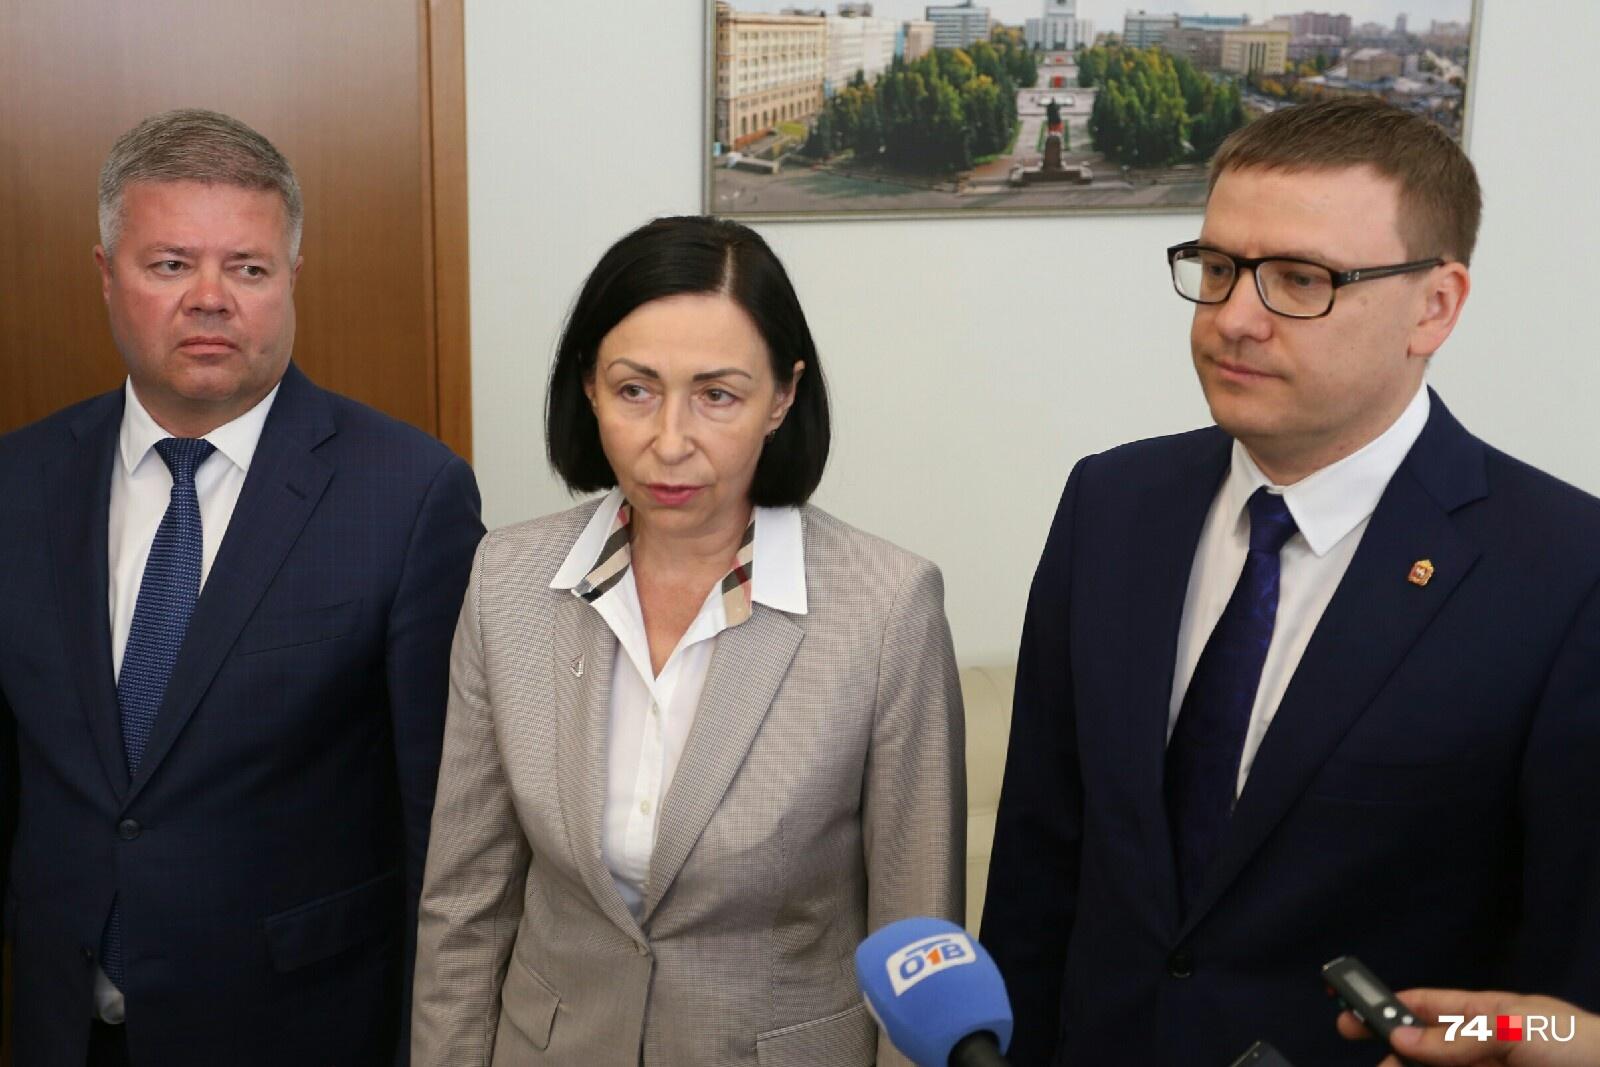 Исполнять обязанности мэра Челябинска Наталья Котова будет как минимум до сентября